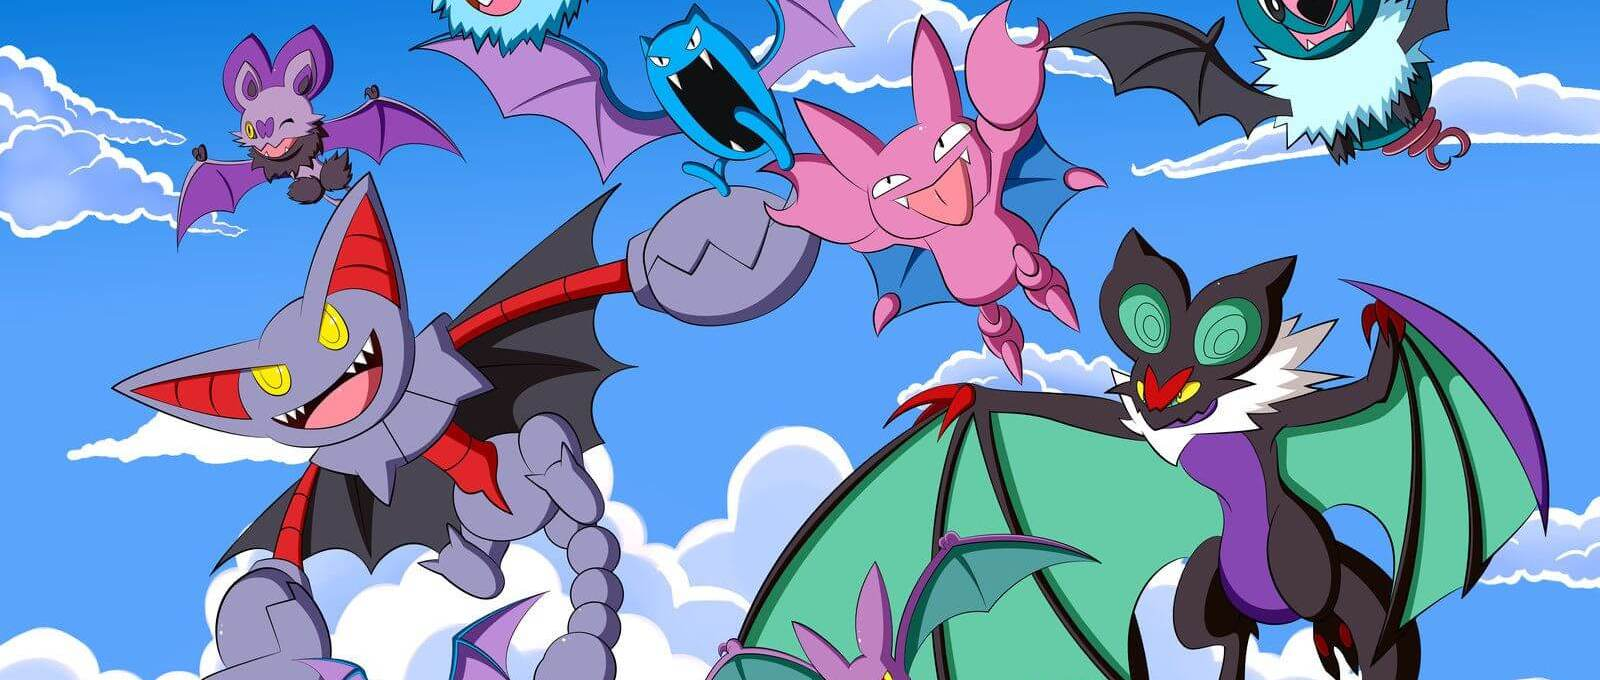 bat pokemon